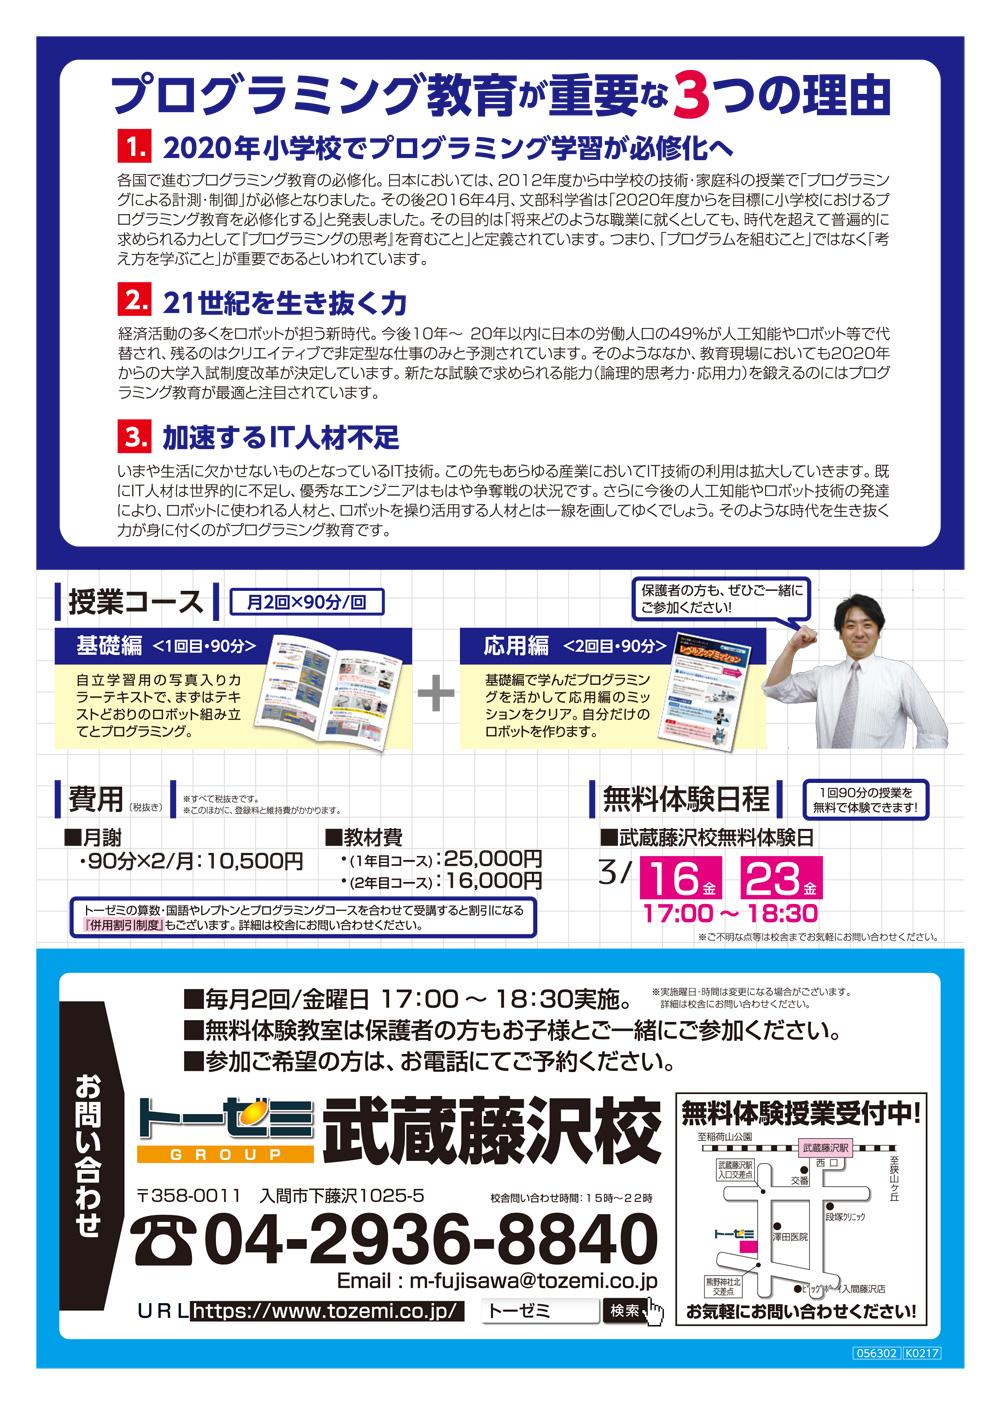 新聞折込チラシ(ロボットプログラミング教室 開講!:武蔵藤沢校)